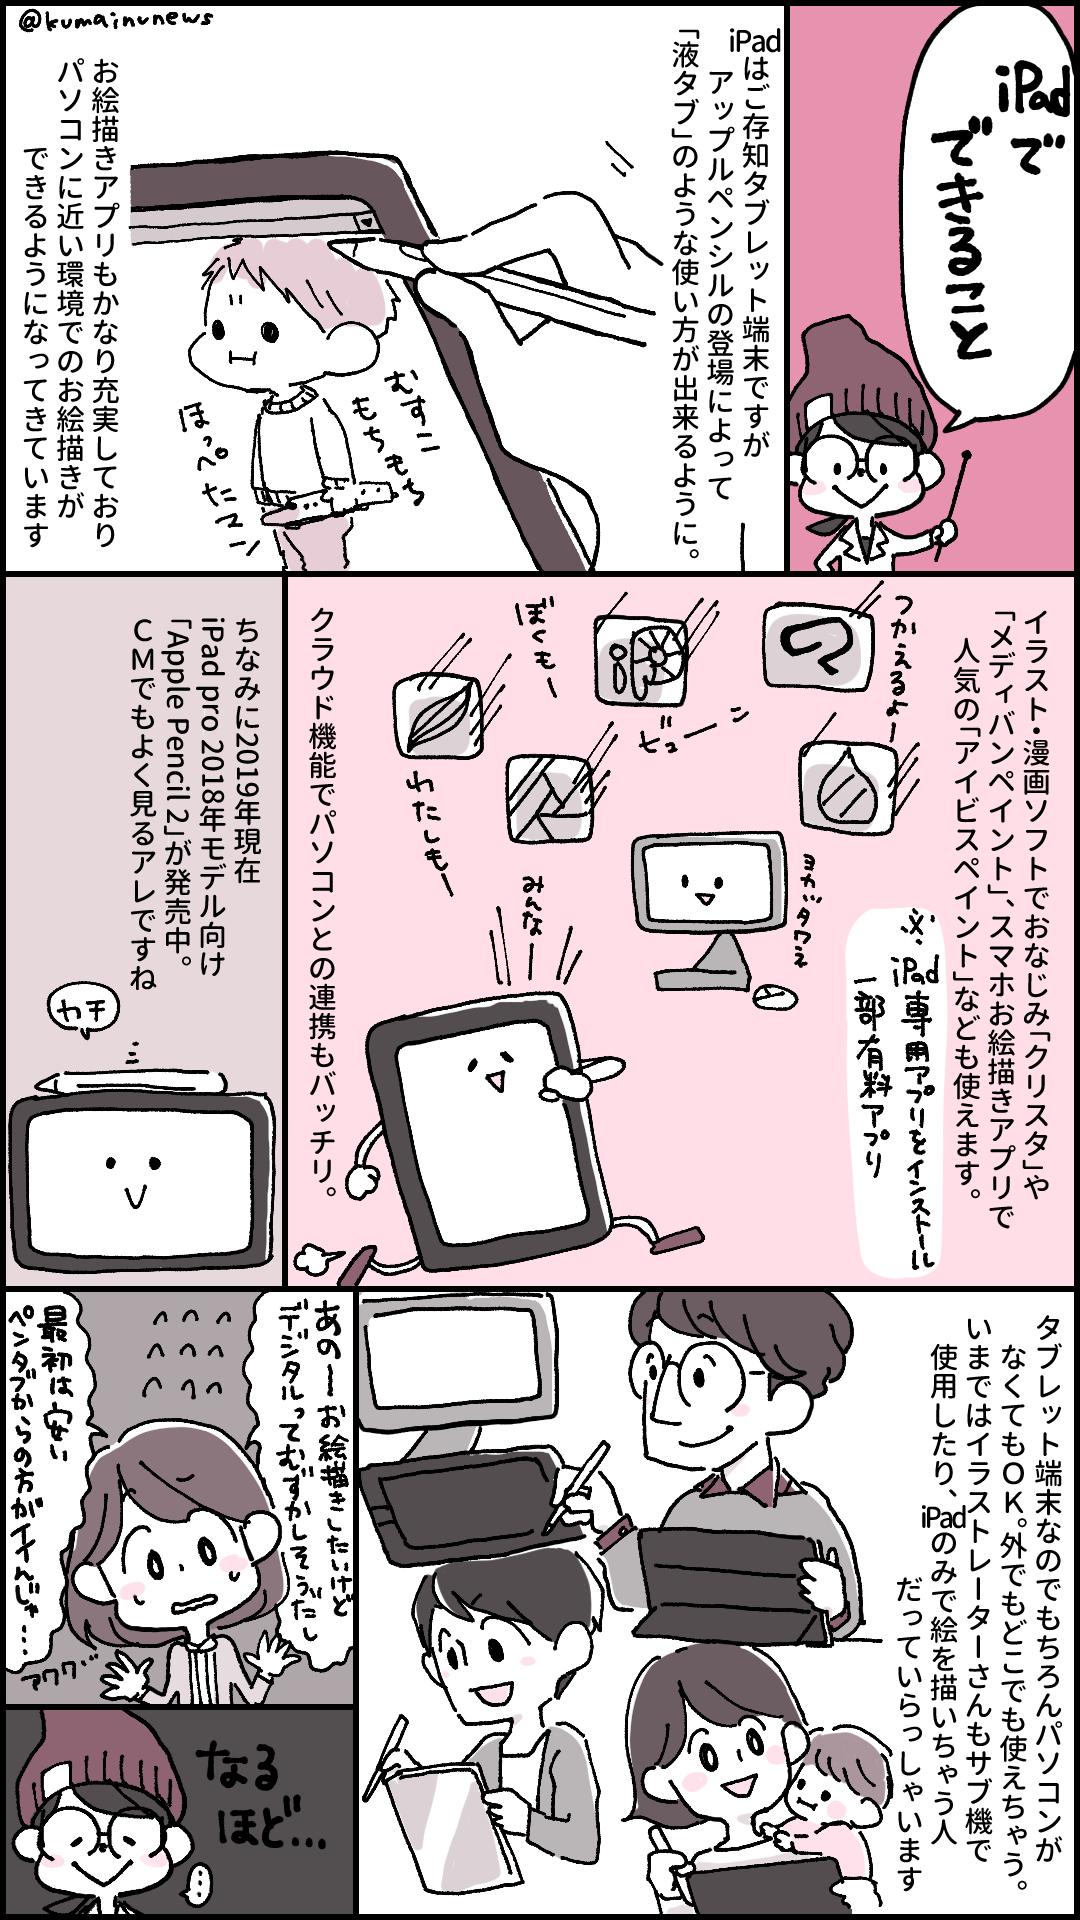 ペイント ソフト ipad